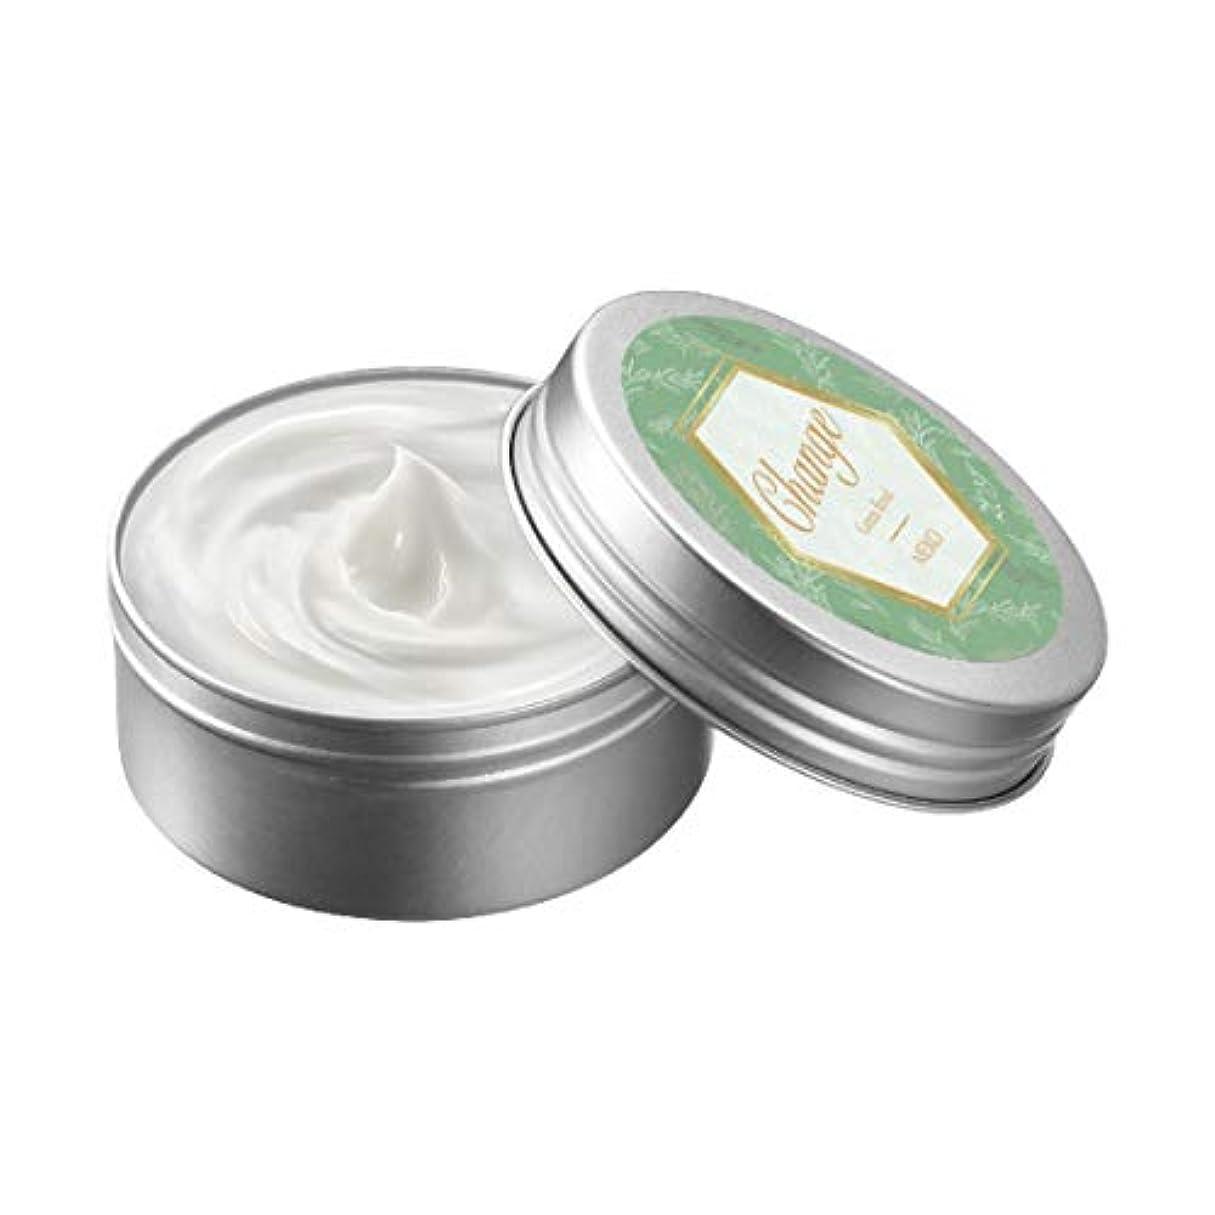 る財布るボディクリーム グリーンフローラルの香り 60g ( 全身 クリーム 顔 保湿 スキンケア ハンドケア 全身クリーム )【 メイコー メイコー化粧品 】